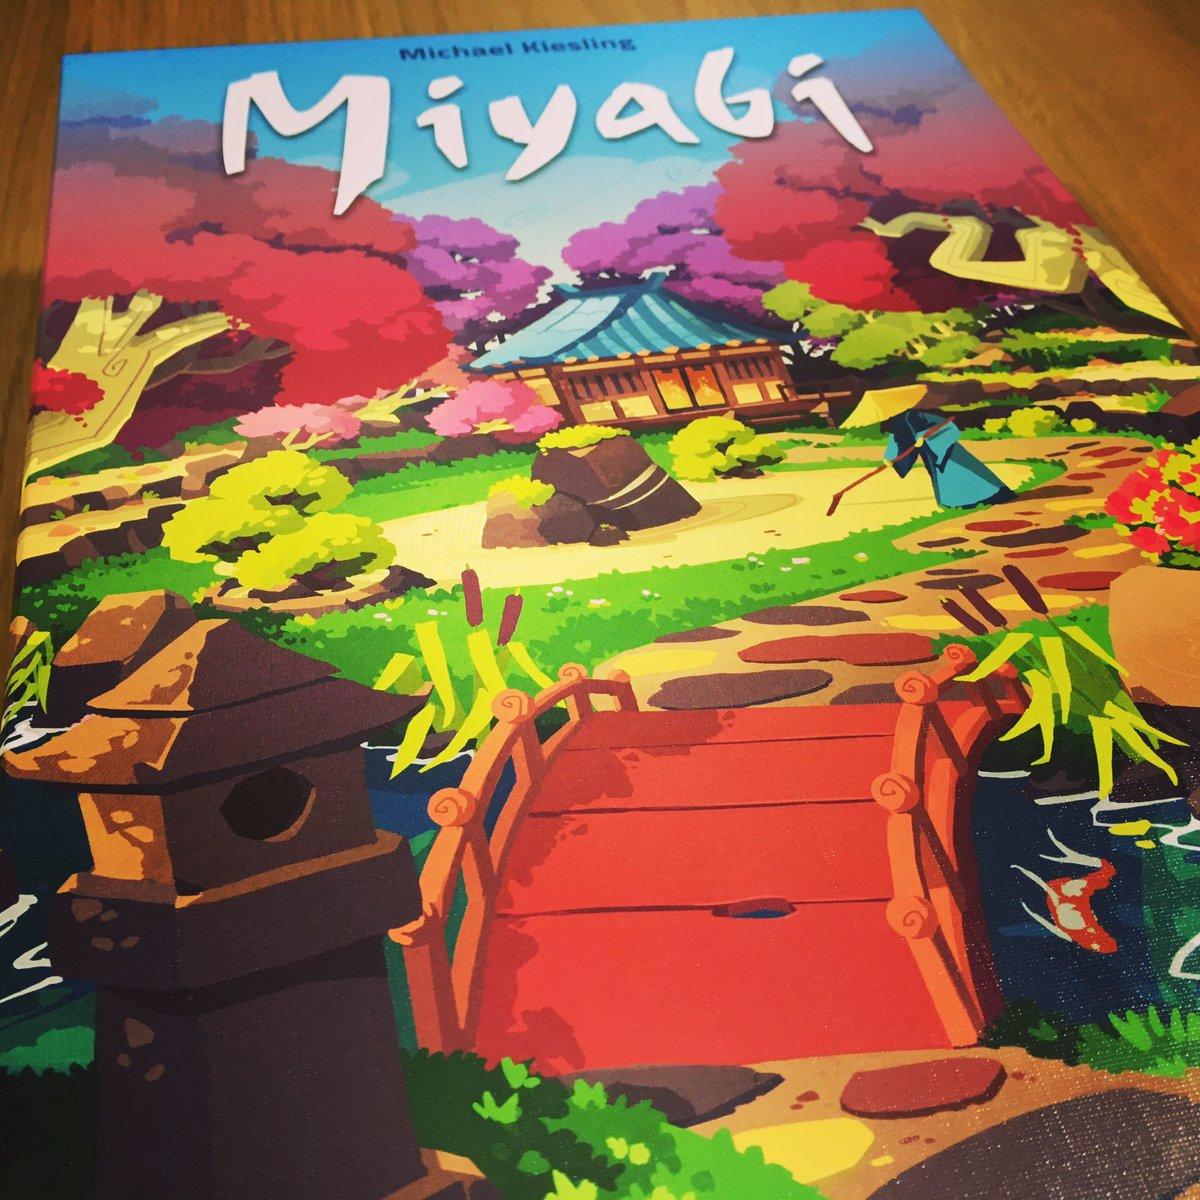 Estamos muy contentos con #miyabi , un juego abstracto del genial #michaelkiesling en el cual tendremos que hacer el jardín más armonioso encajando piezas de diferentes componentes y ganando altura según evoluciona la partida, además tiene unas cuantas expansiones incluidas. pic.twitter.com/f973p4romy